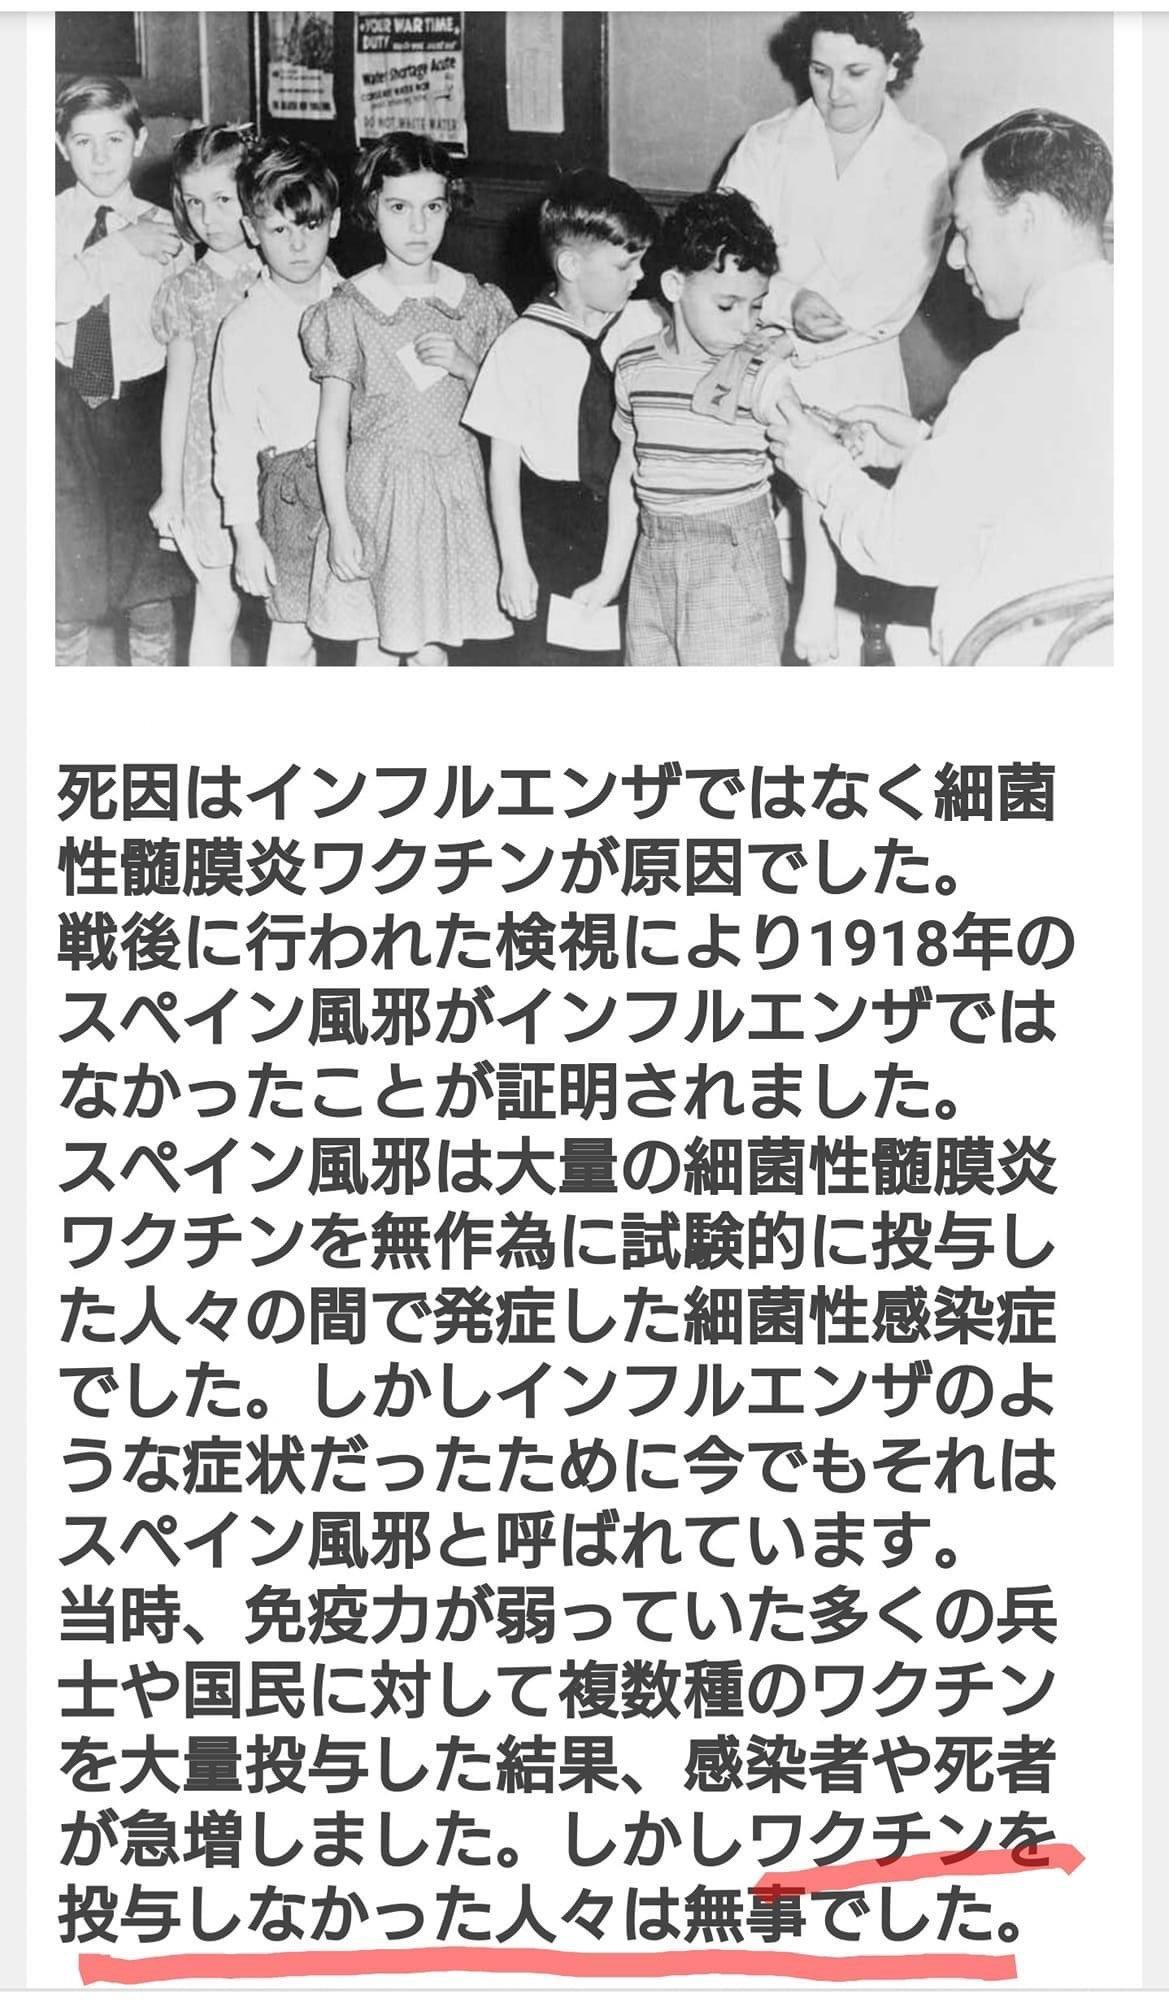 【超ド級:コロナ最新情報】日本での大量虐殺!WHOねつ造のパンデミック告発映画製作中!10年前アフリカで赤十字がワクチンを打って殺した「エボラの真相」!エボラやエイズ、ポリオもウイルスはなかった!_e0069900_06343427.jpg